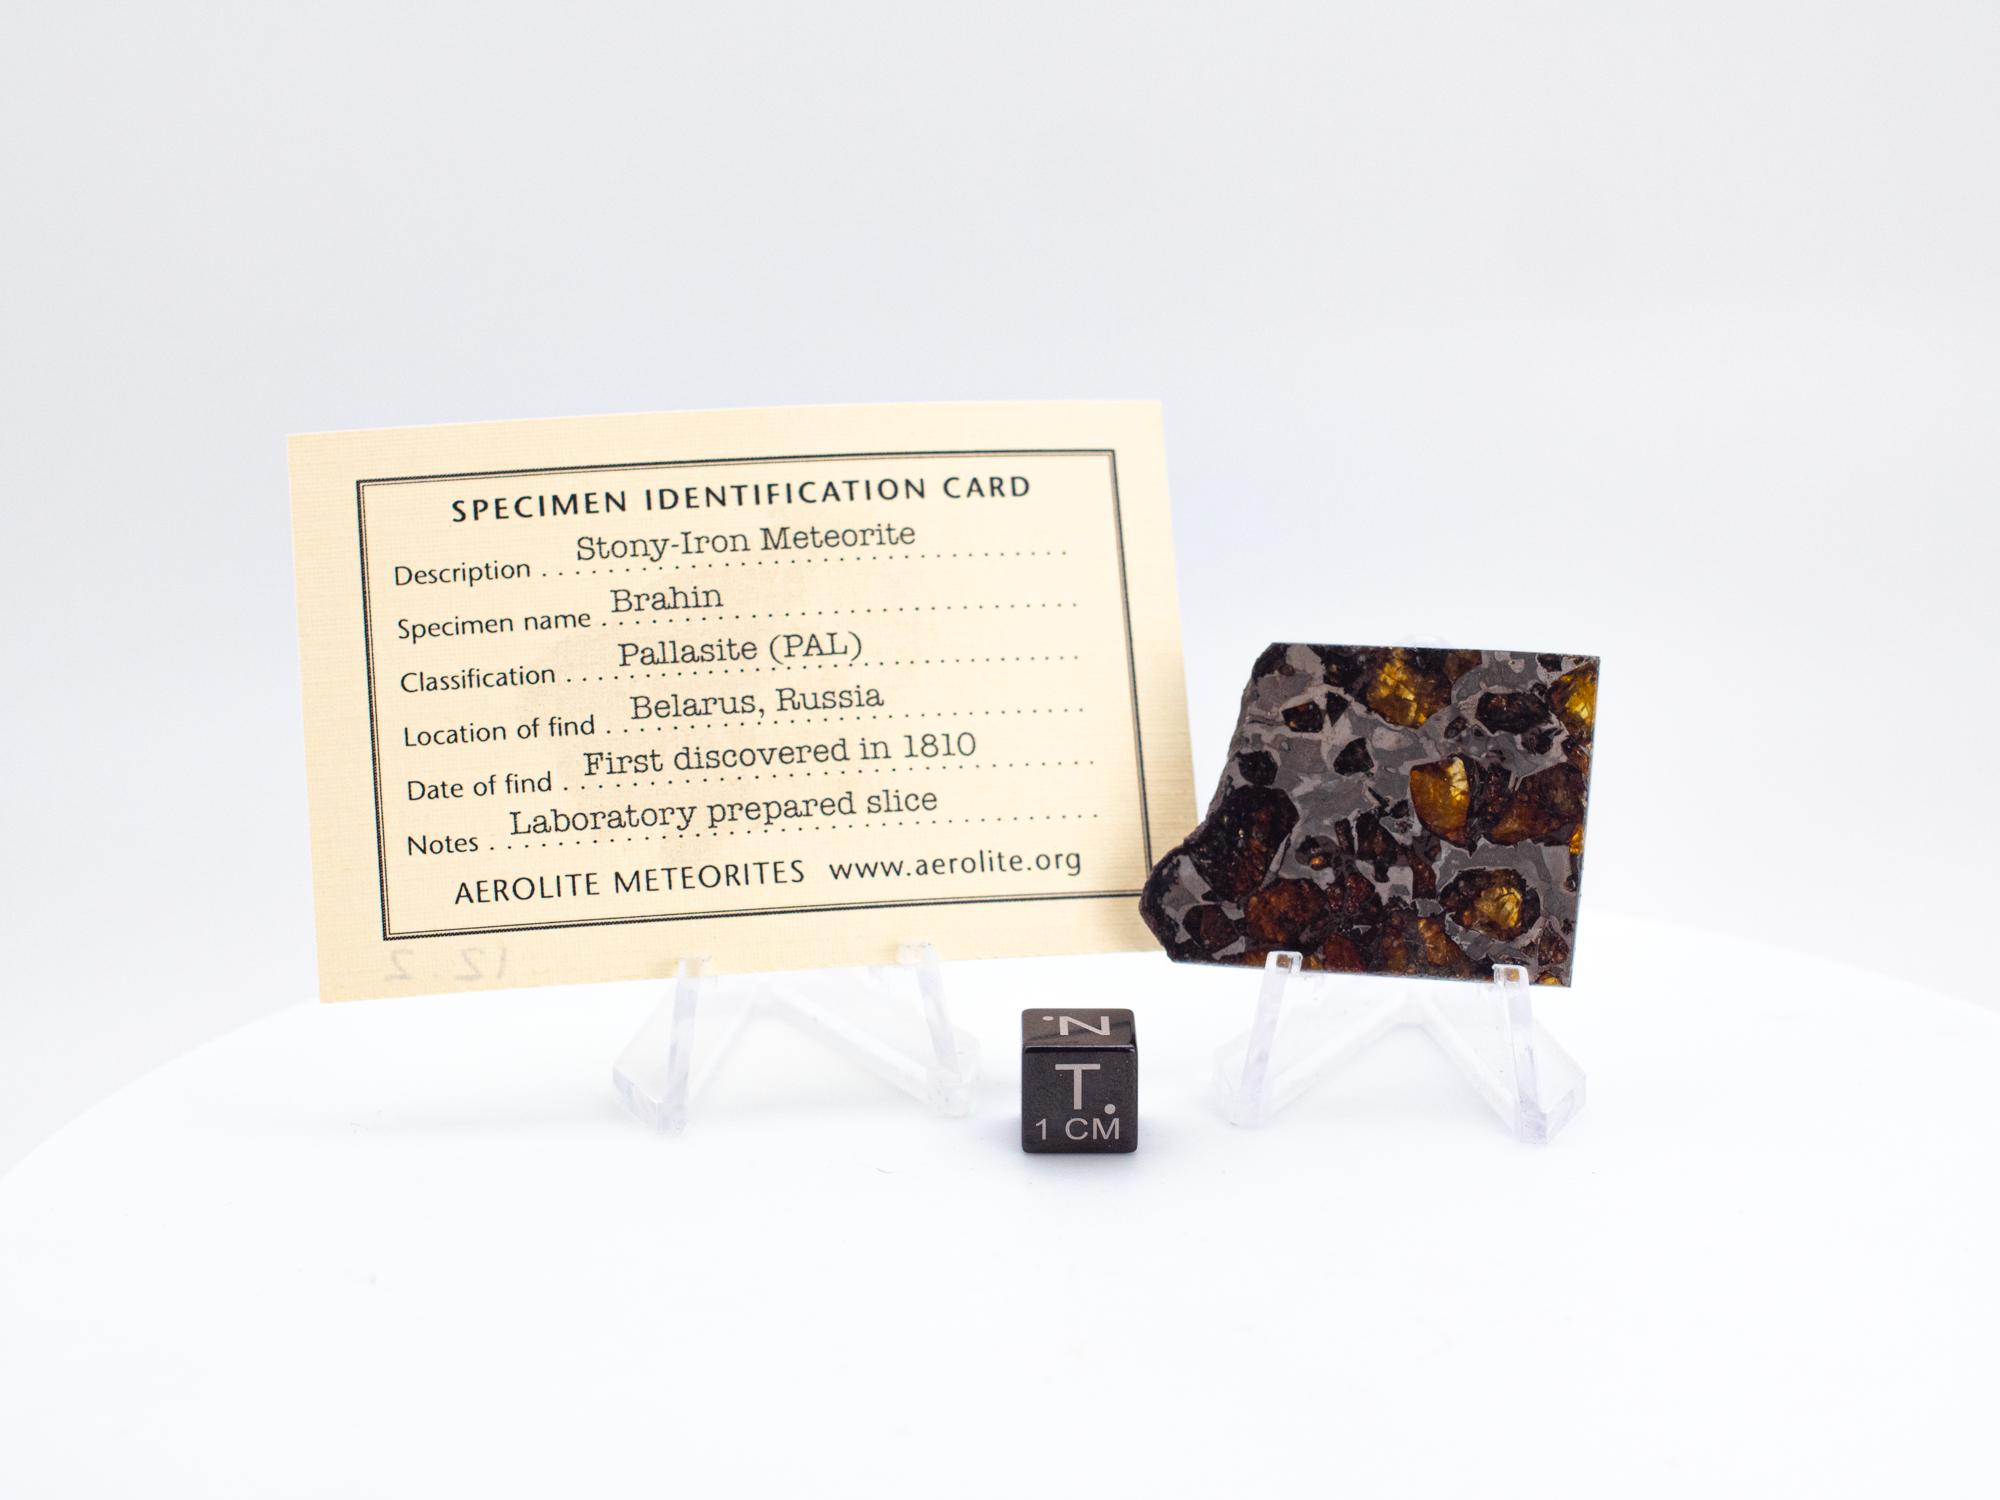 brahin stony-iron meteorite